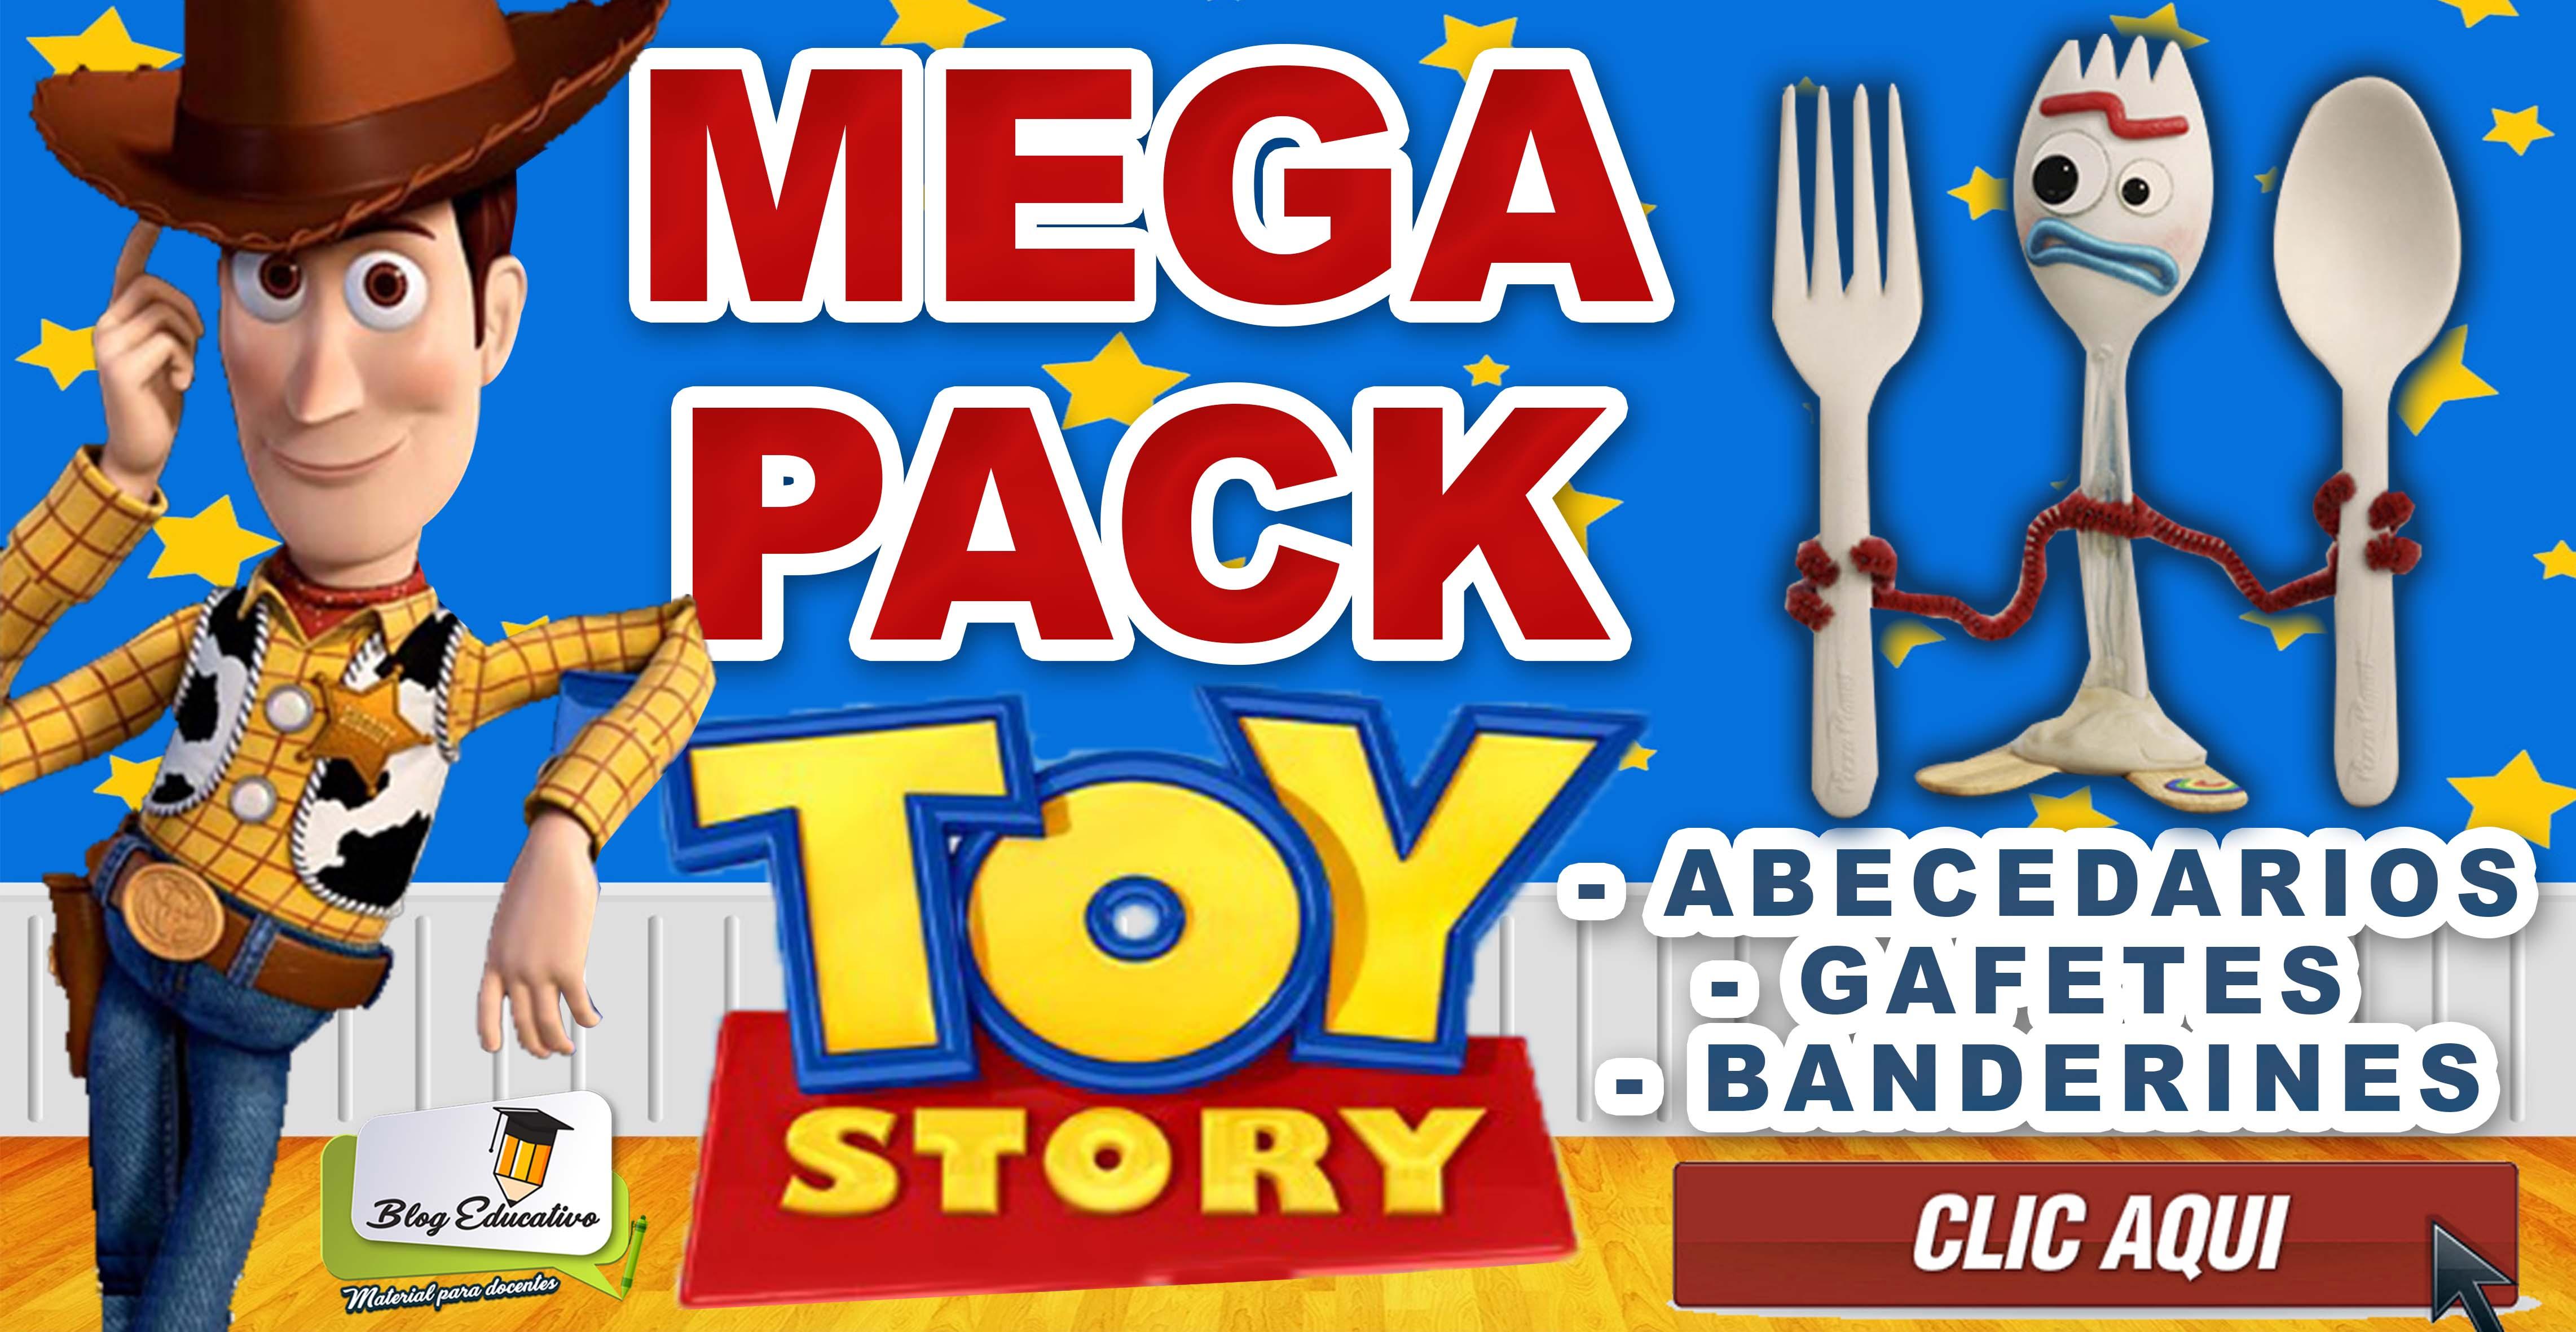 Mega Pack Toy Story - Banderines, Gafetes, Banderines